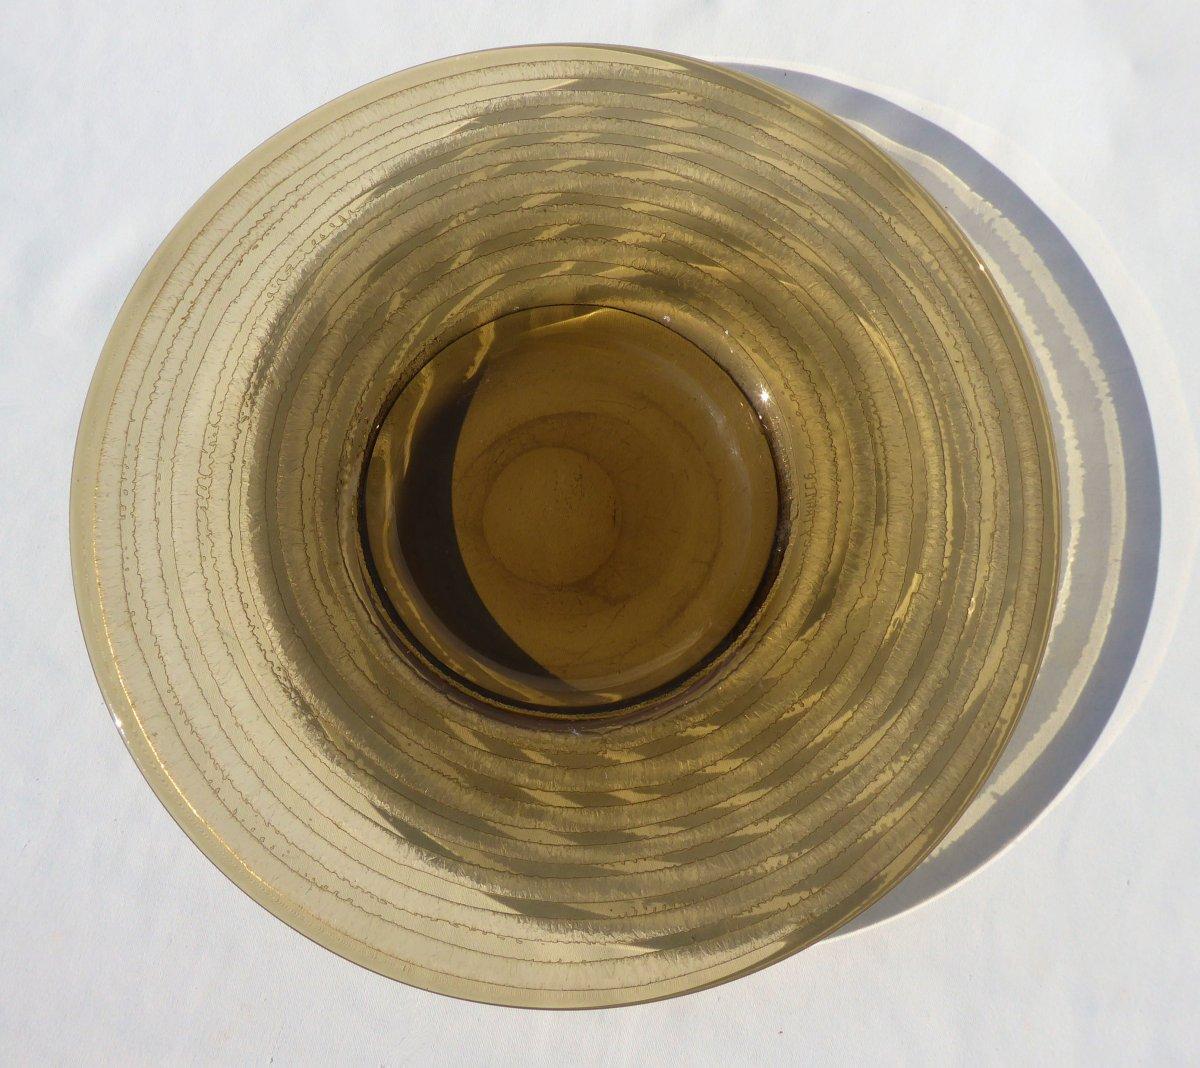 Plat  Circulaire , Coupe  En Verre Degagé à l'Acide Signé Daum Nancy Croix De Lorraine Art Deco